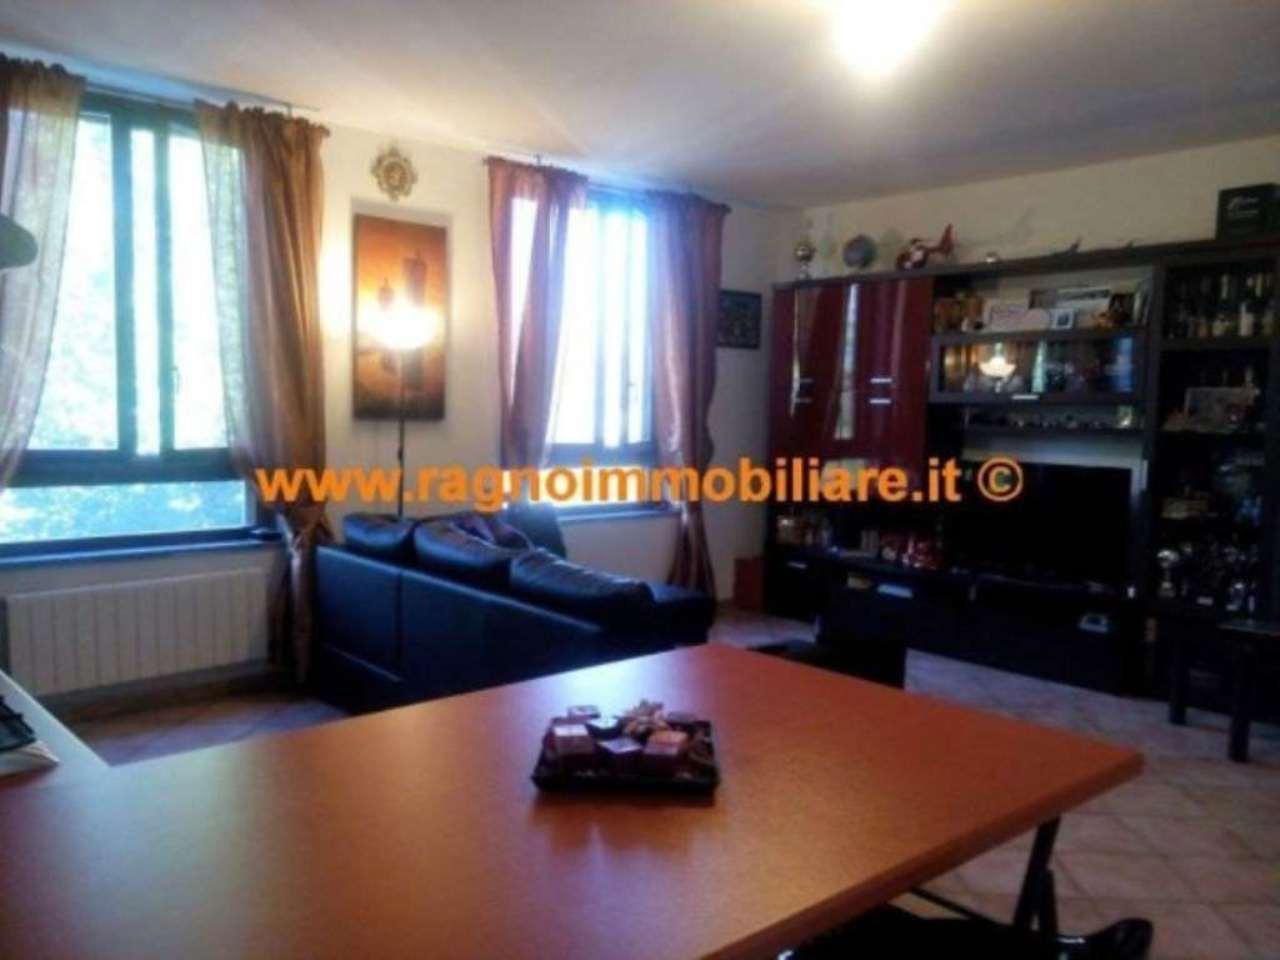 Appartamento in vendita a Casarile, 2 locali, prezzo € 122.000 | Cambio Casa.it